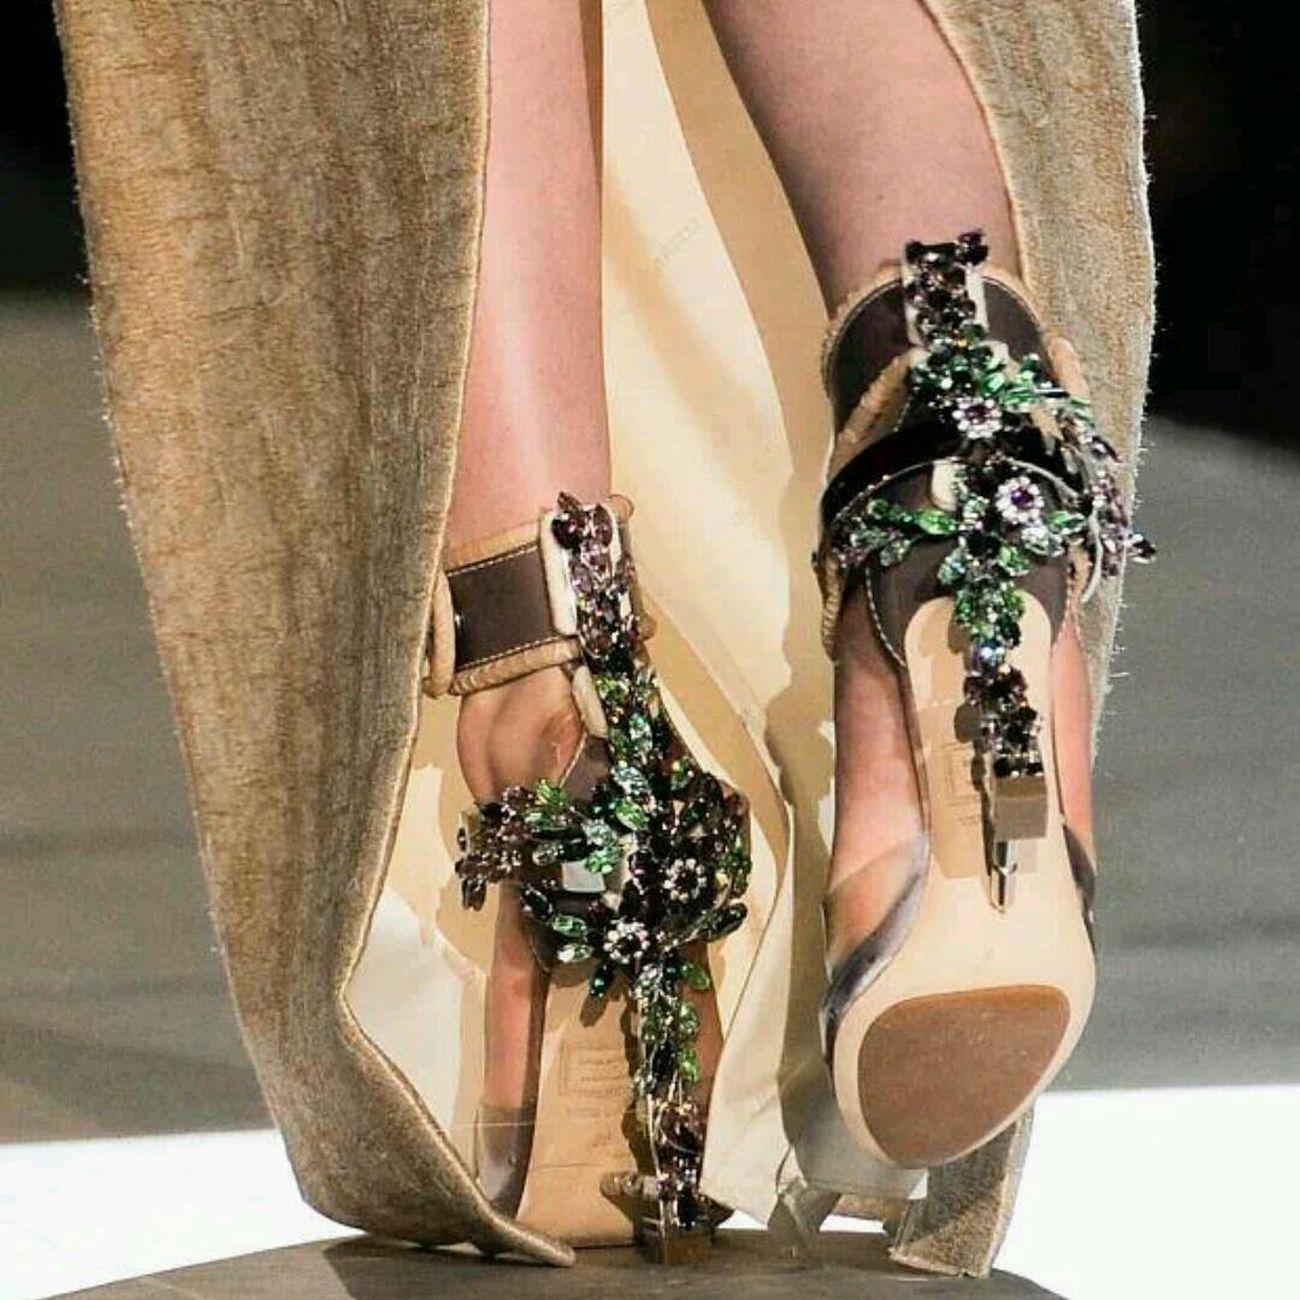 DSQUARED2 FW14 Fashion Designer